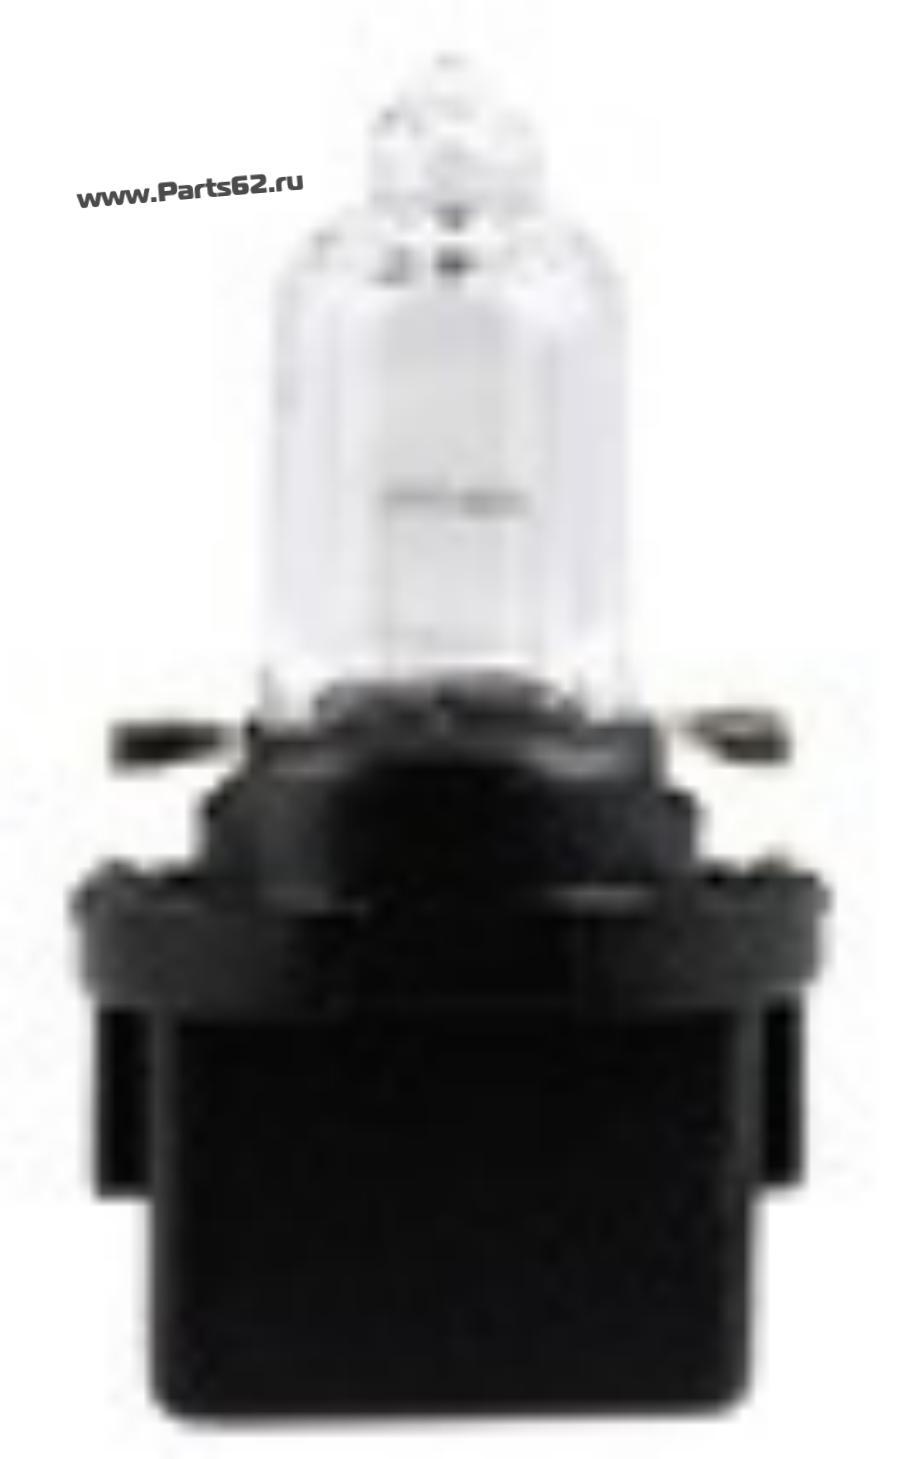 Лампа галоген Plastic base lamps BAX 12В 5Вт